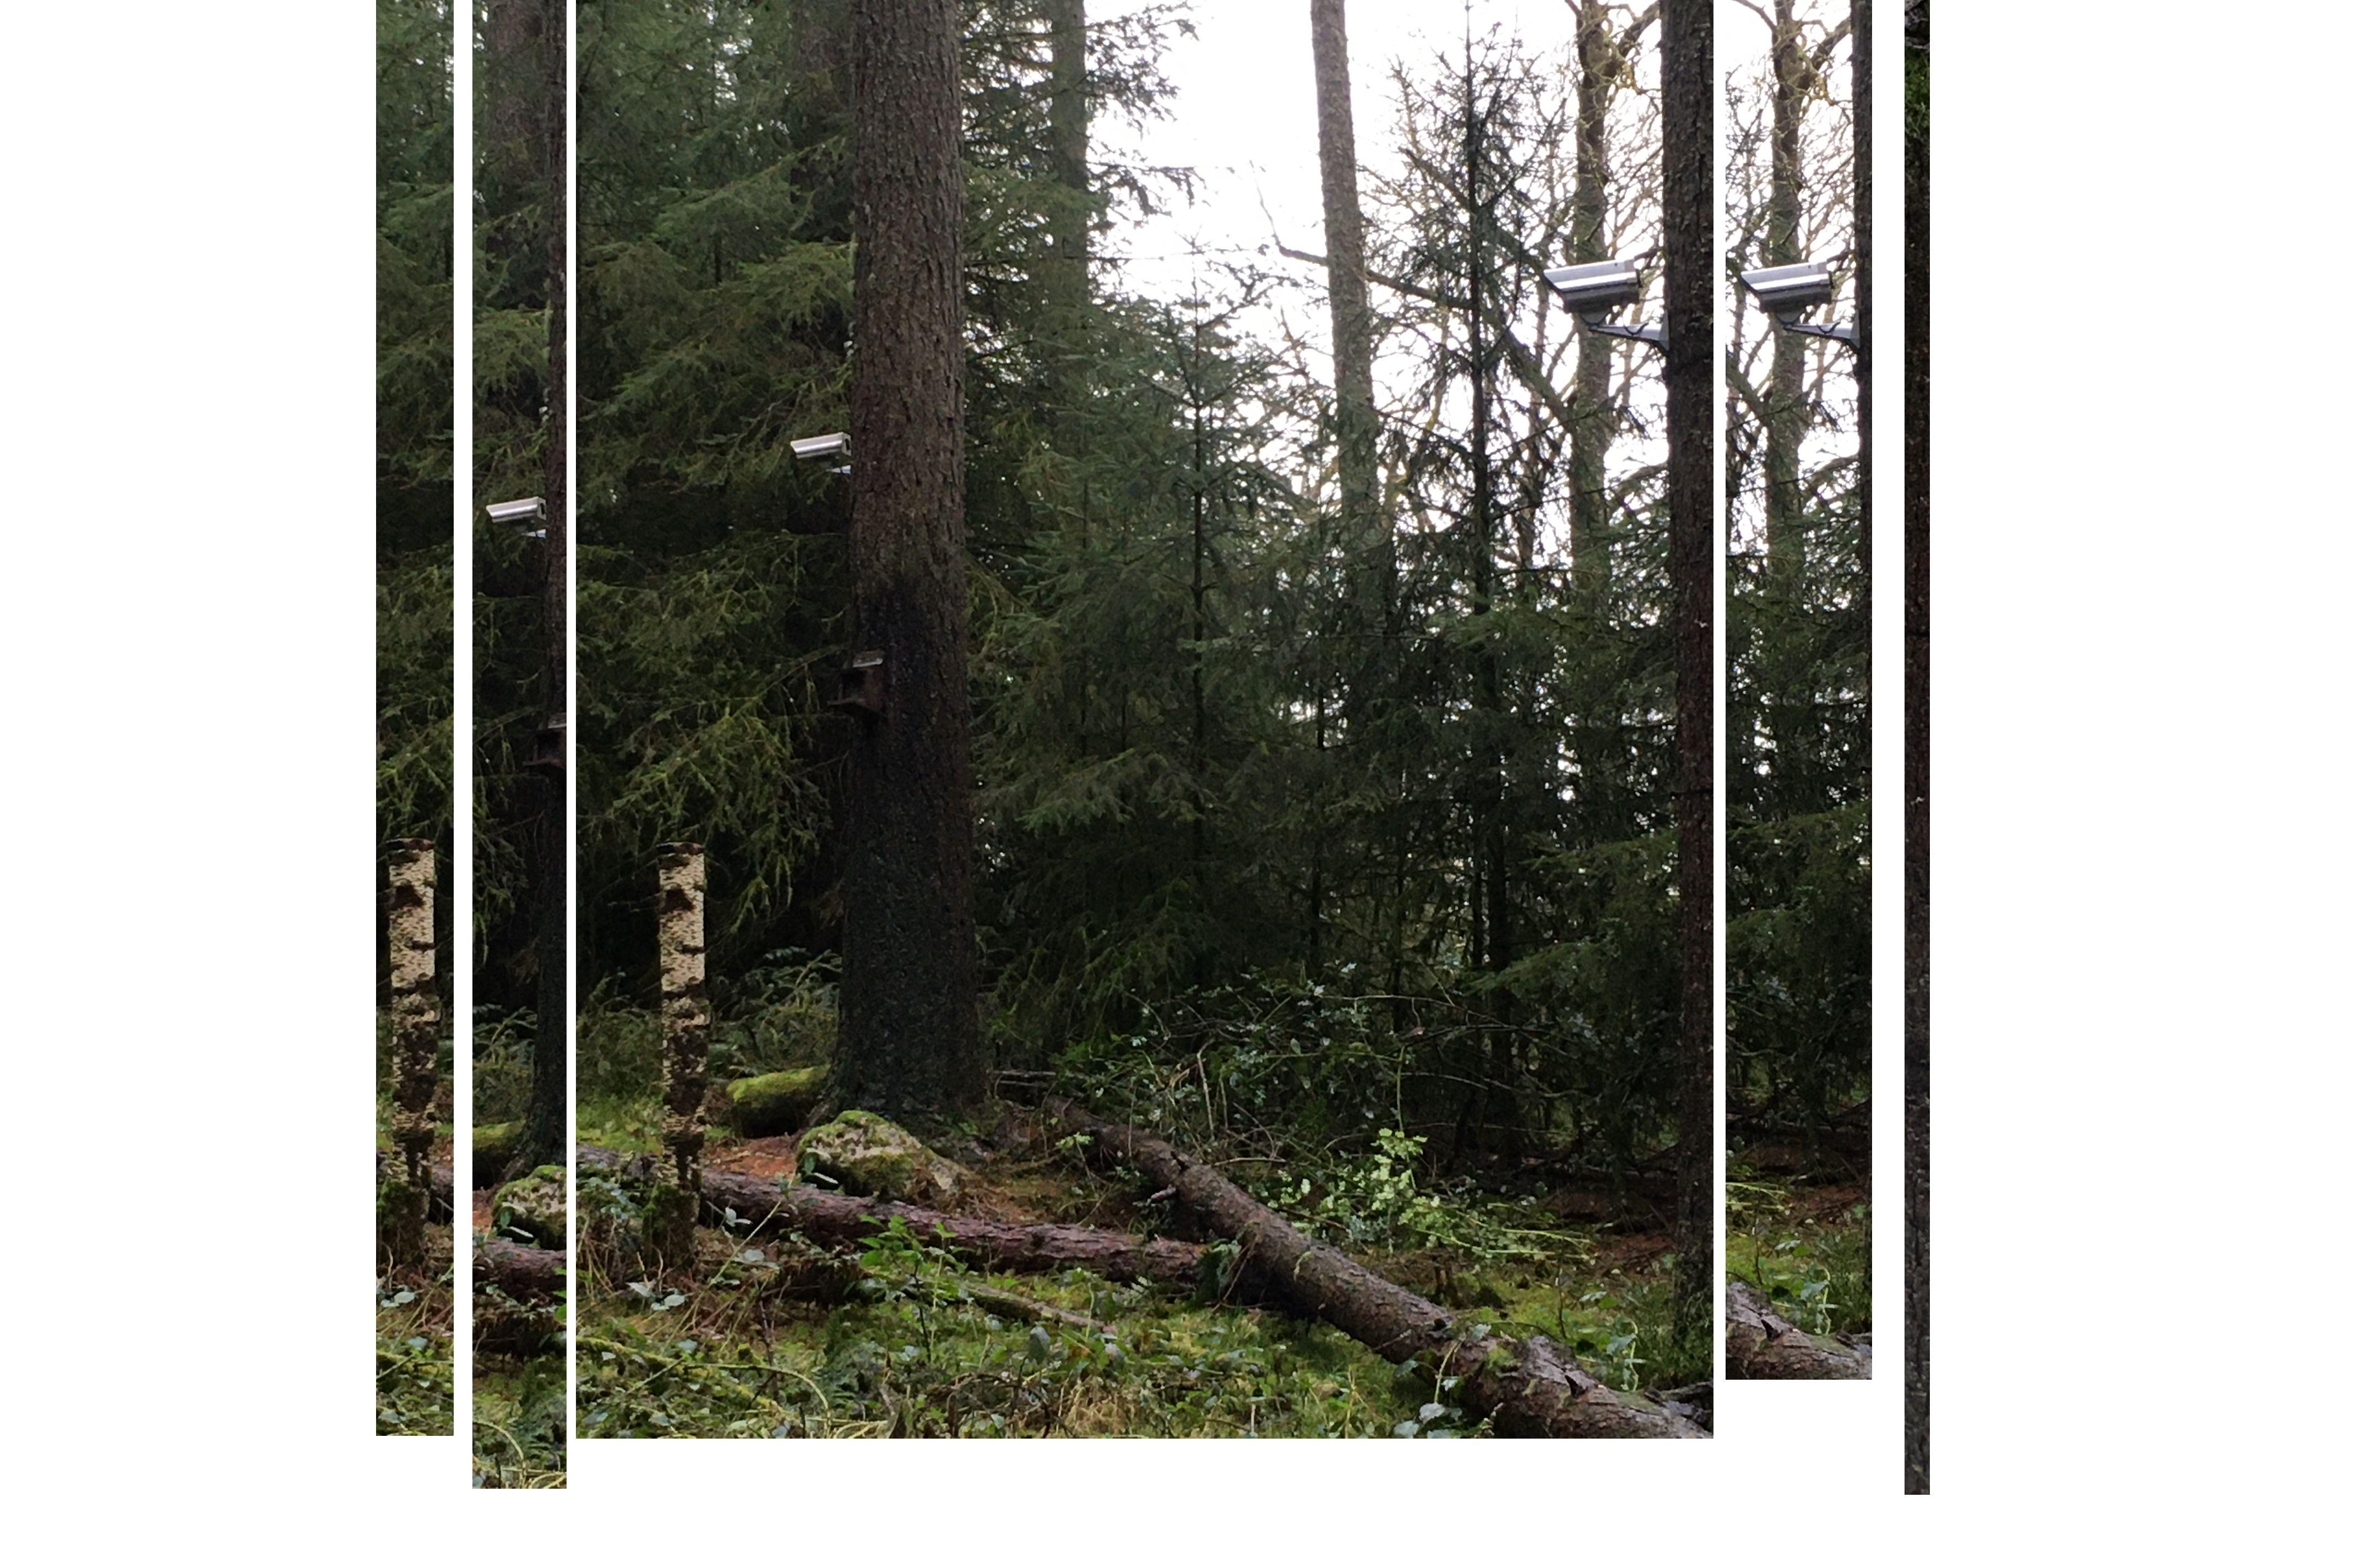 surveillance_cameras_on_trees_in_queenelizabeths_forest